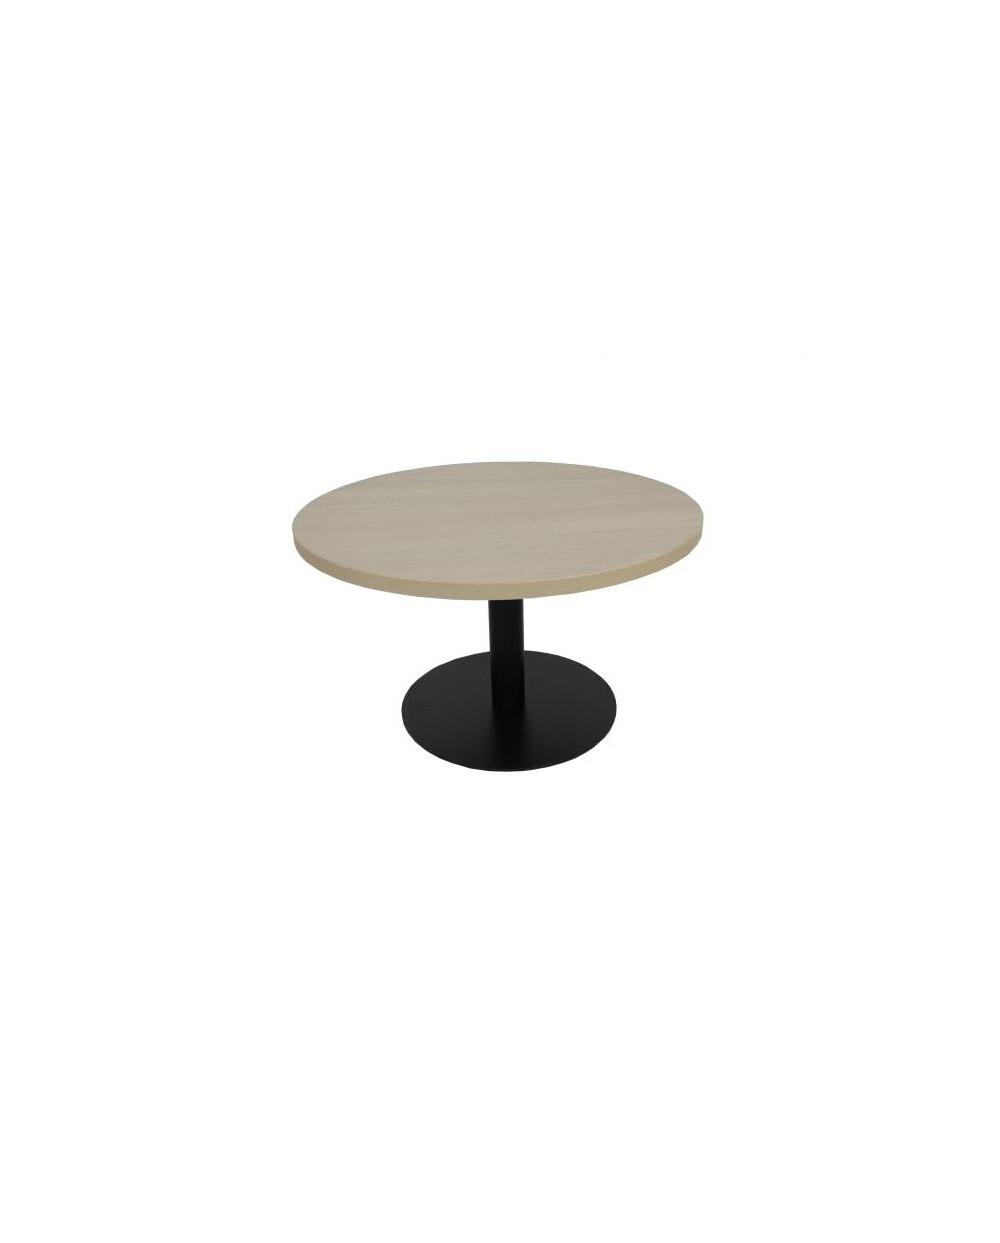 Table de salon ronde avec pied central, Æ 80 cm x 45 cm, chêne grisé